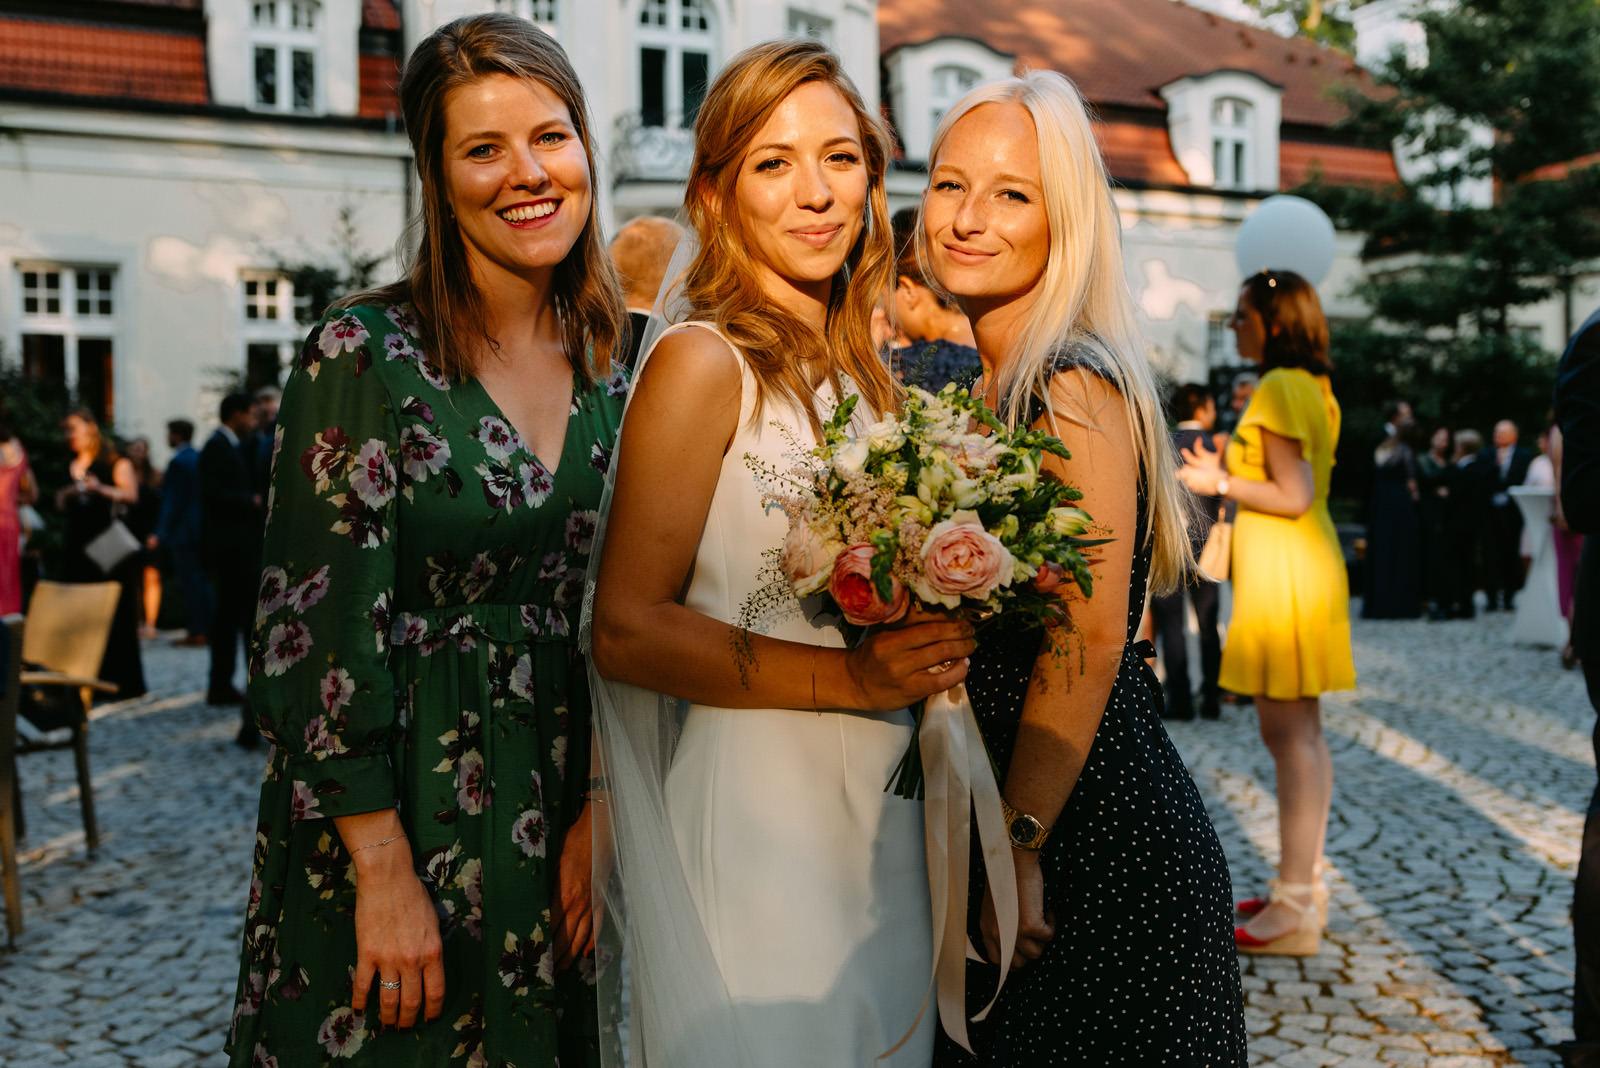 polsko-francuski ślub w zdunowie- panna młoda i druhny